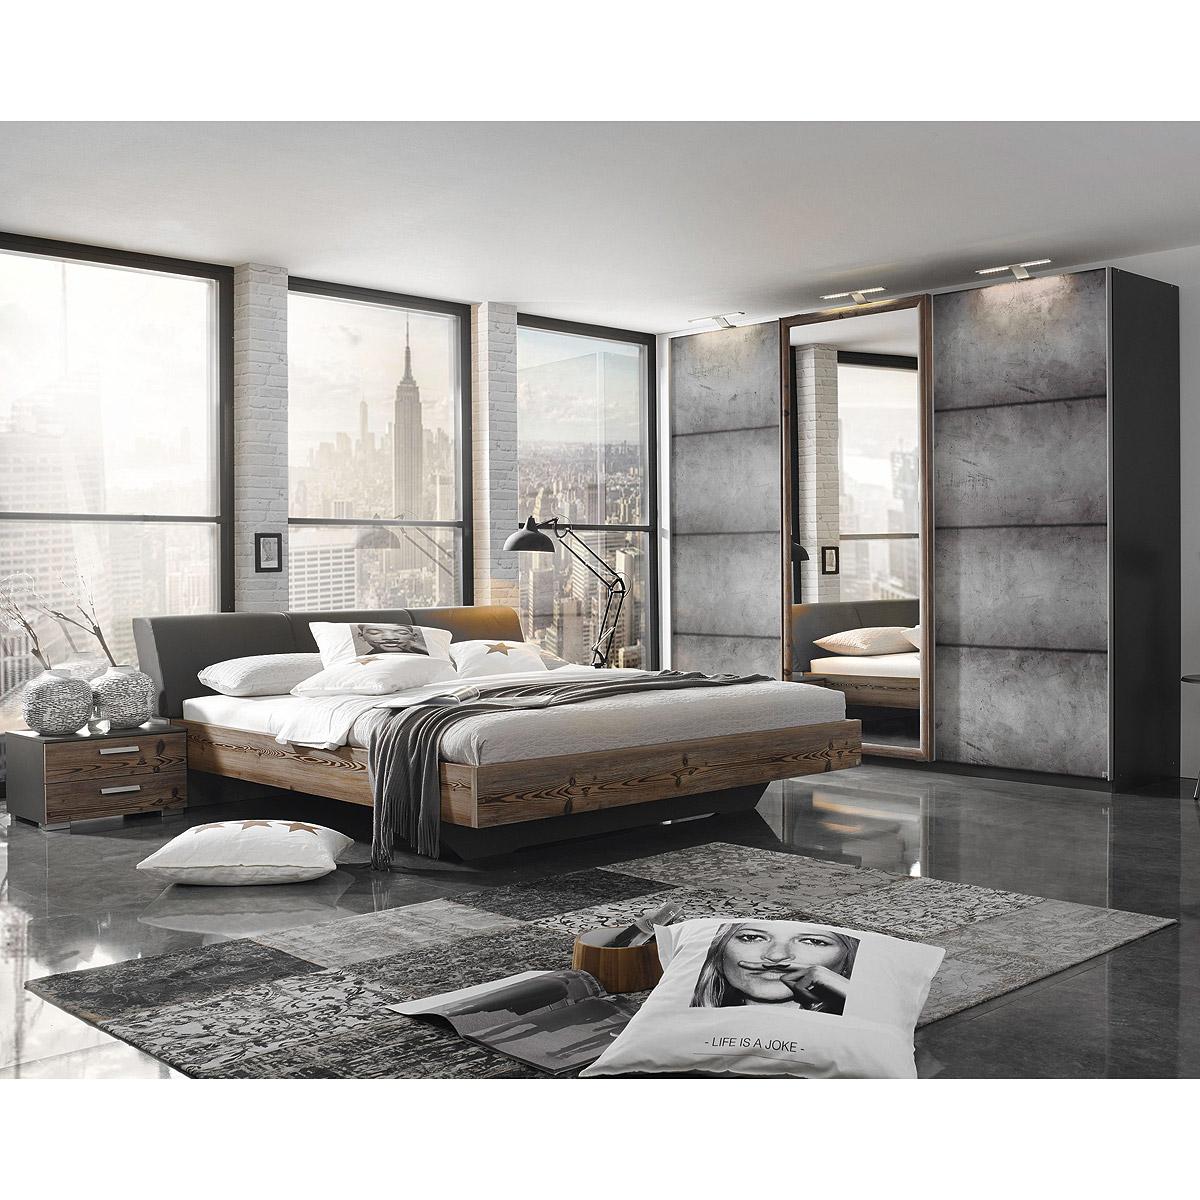 Schlafzimmer-Set Streetway Kleiderschrank Bett Nakos Lärche basalt ...